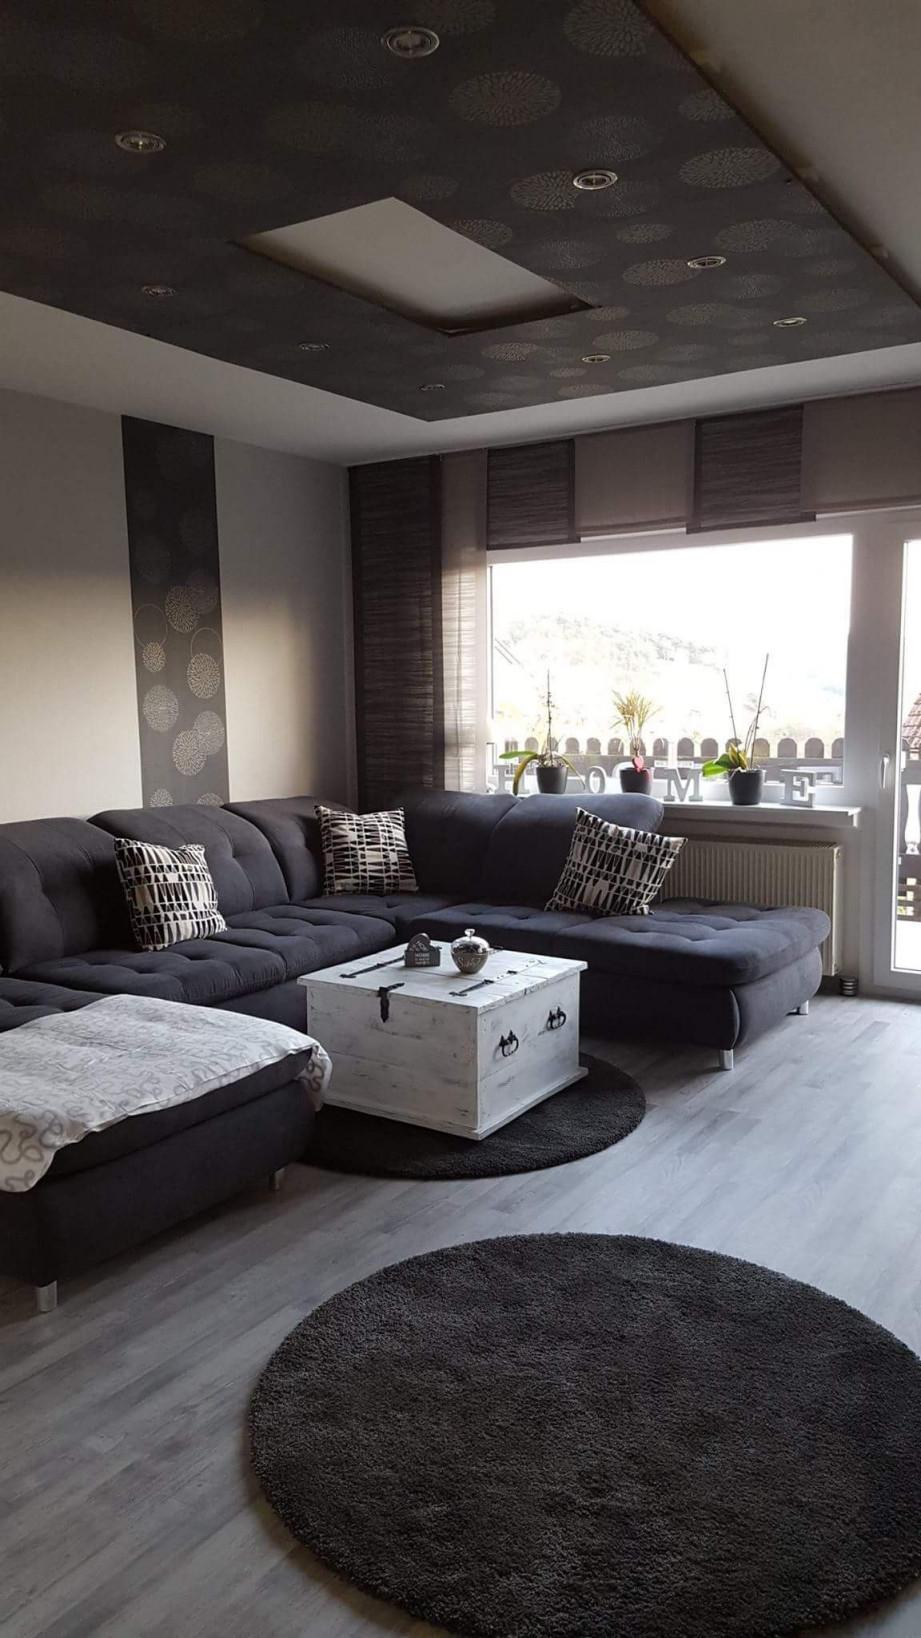 Verfuhrerisch Wohnzimmer In Grau Einrichten Beige Ideen von Wohnzimmer Ideen Grau Weiß Schwarz Photo